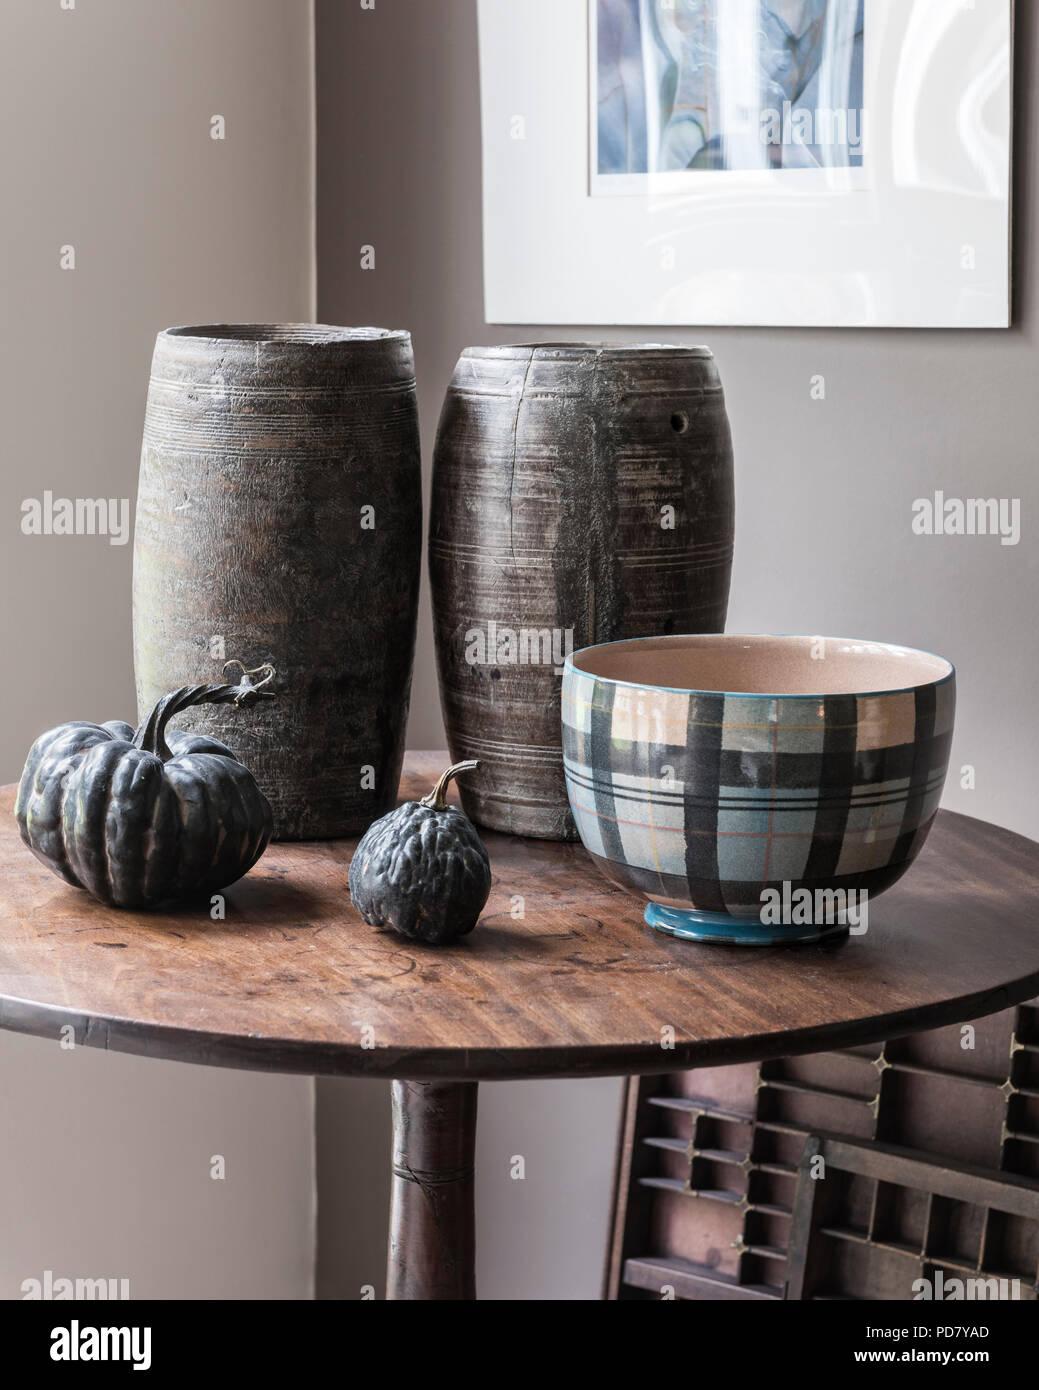 Zwei Holz- Töpfe aus Südafrika sind auf einem kleinen Tisch im Wohnzimmer mit getrockneten Kürbisse und eine Schale aus Anta angezeigt. Stockfoto